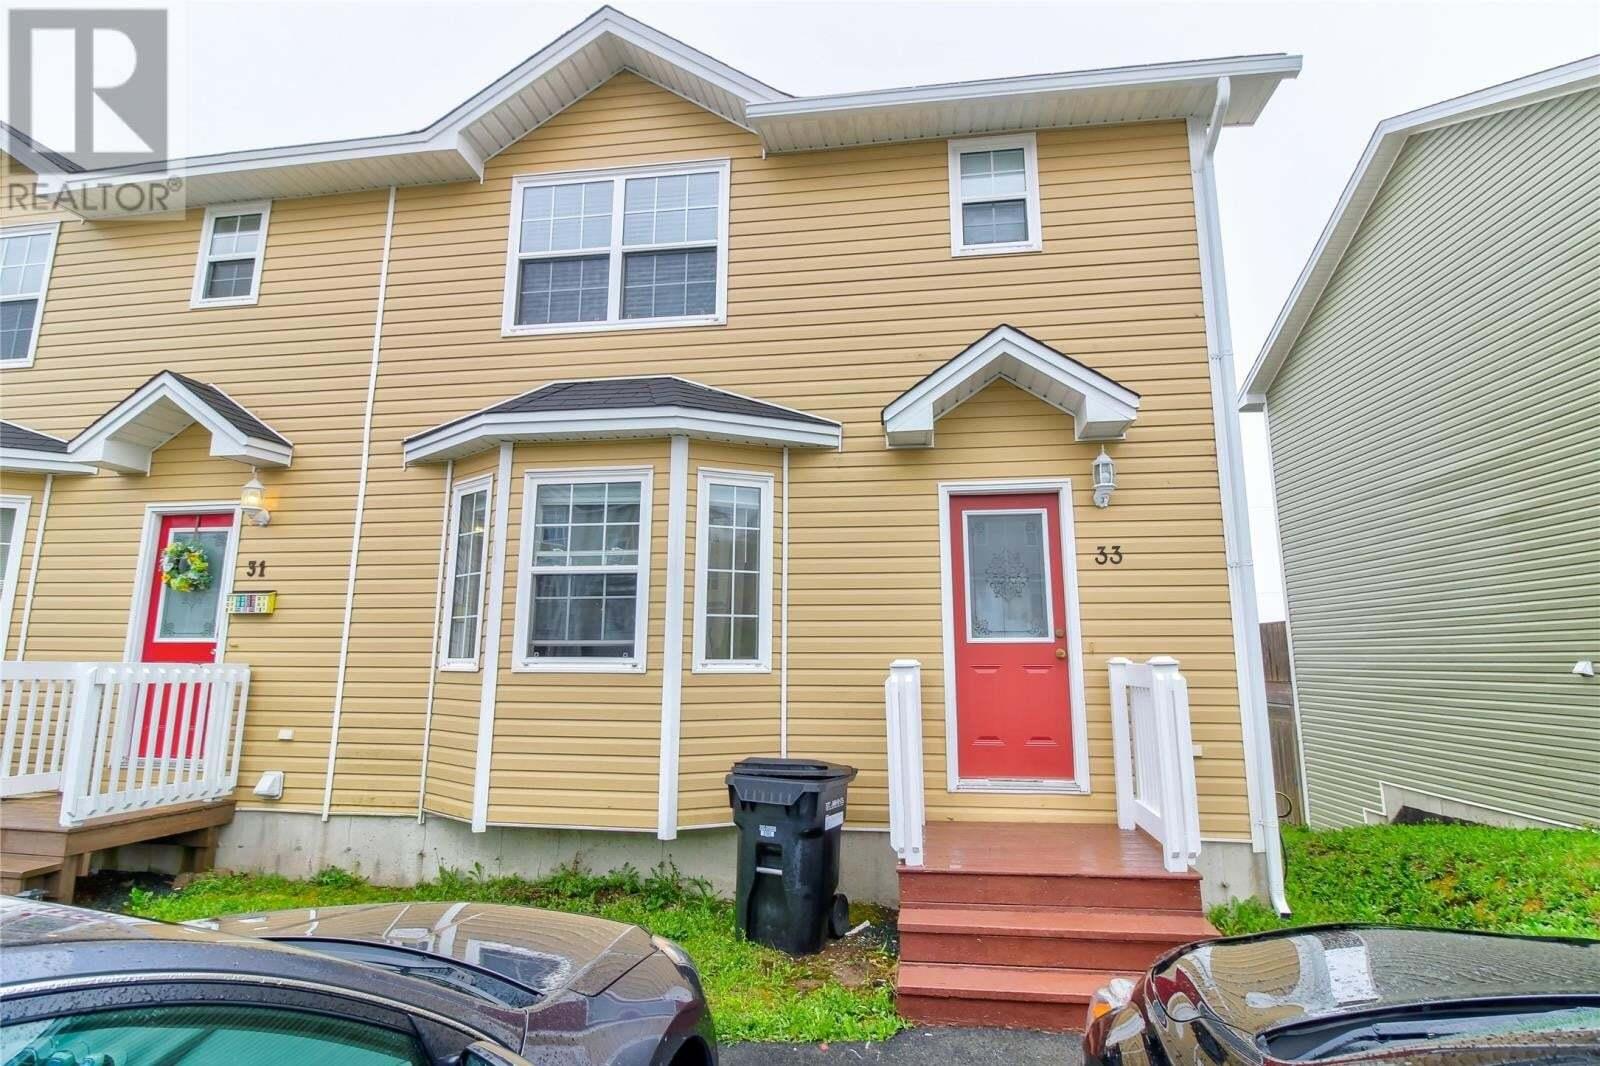 House for sale at 33 Faulkner St St. John's Newfoundland - MLS: 1214632